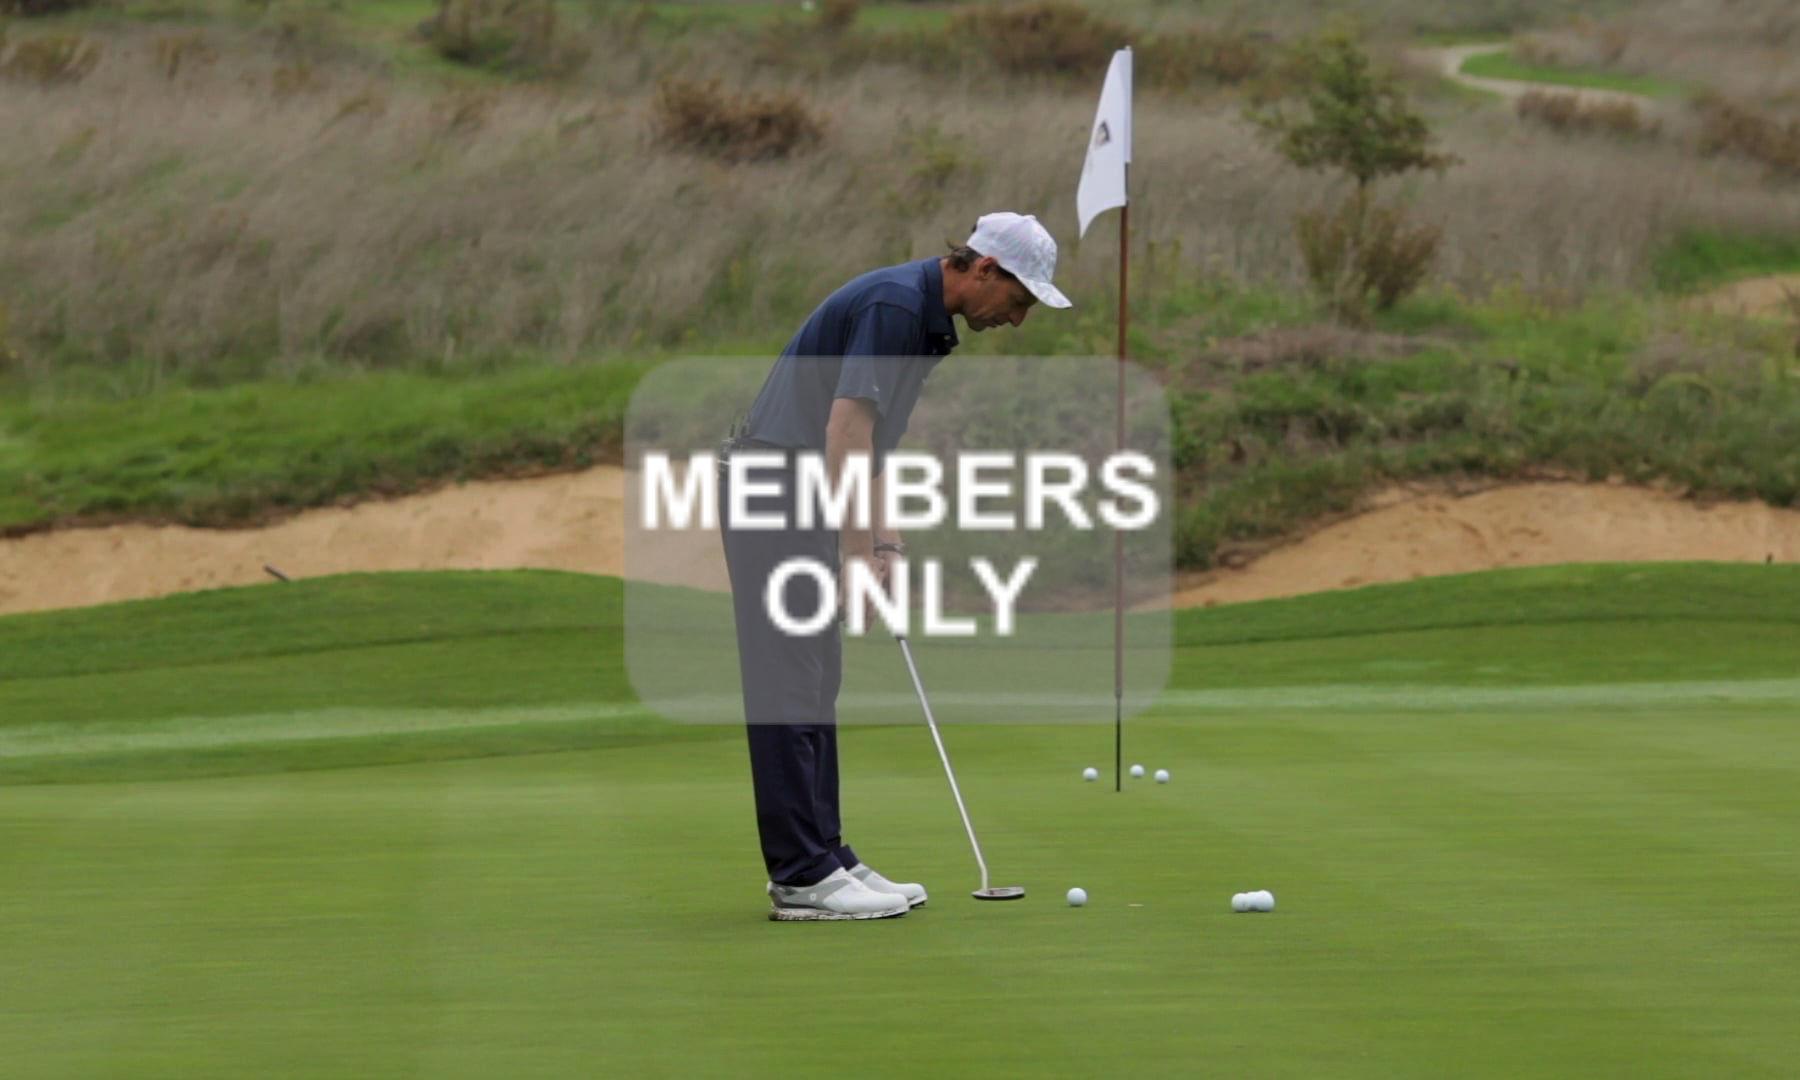 Golf Training im Golf lernen Videoportal – Putten – Körperteile – Golftechnik